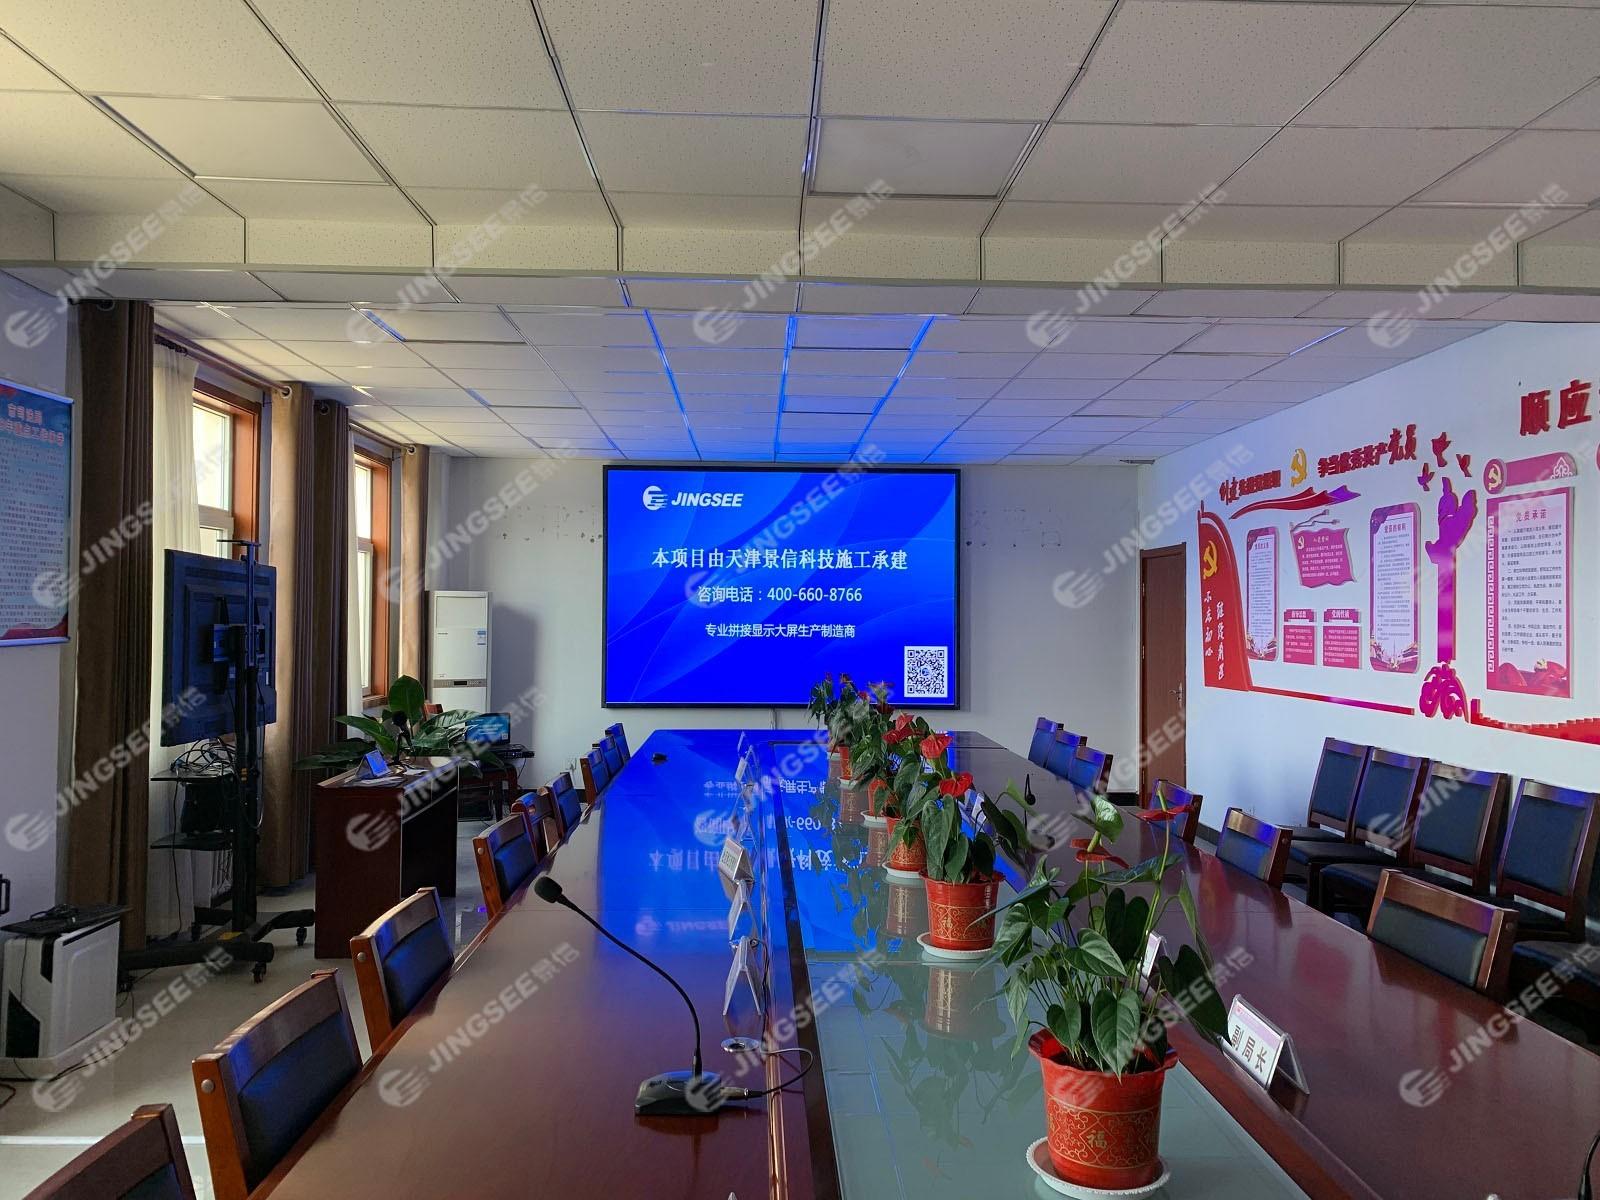 山西运城河津司法所P2 LED显示屏